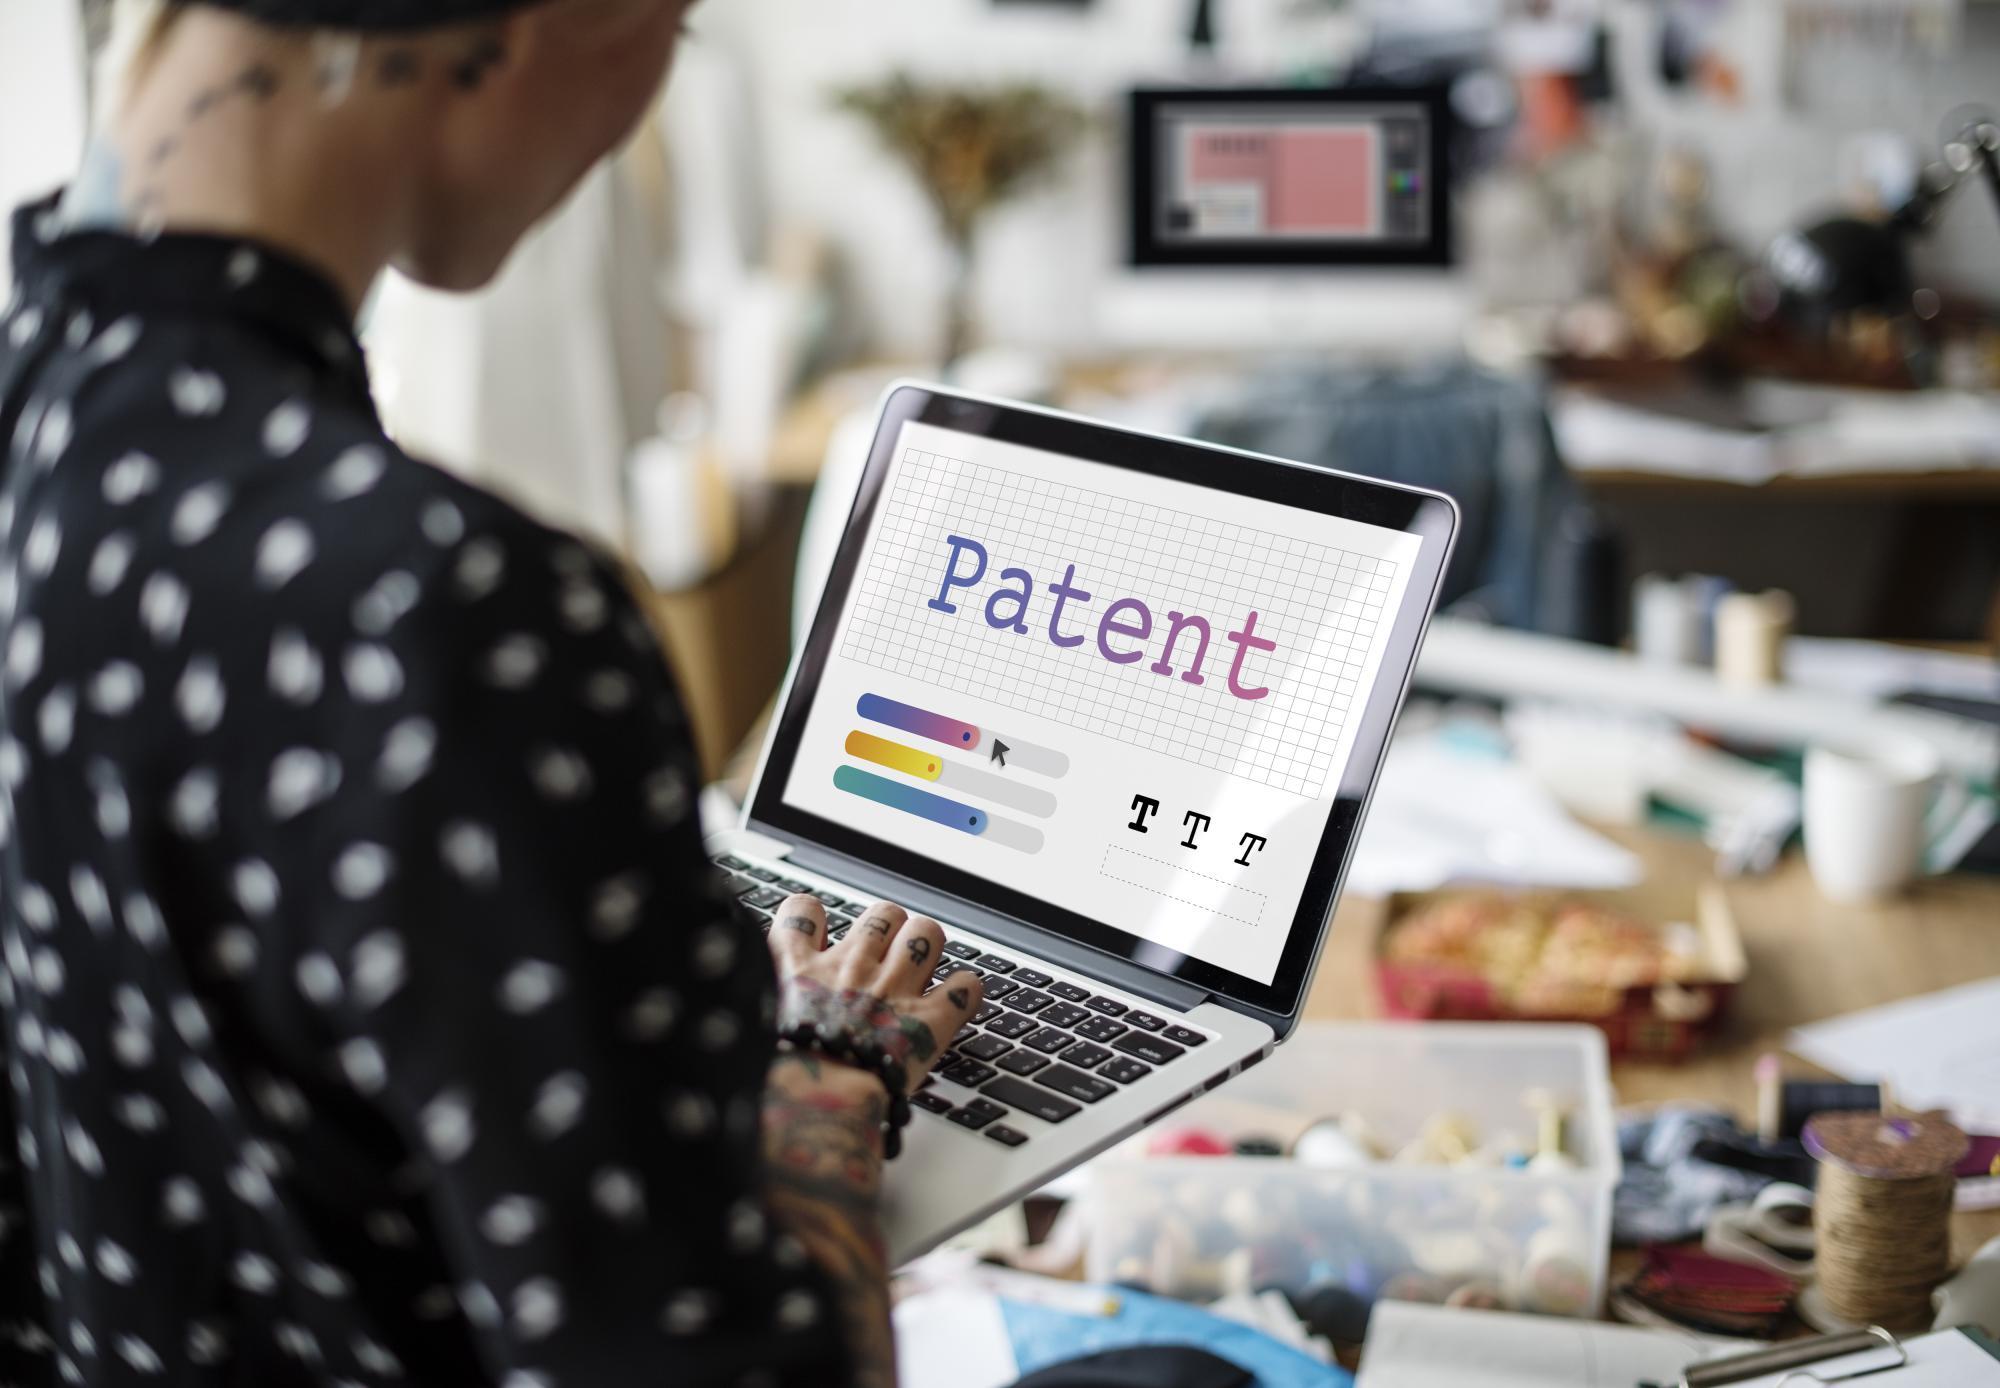 В России введут систему патентов для малого бизнеса